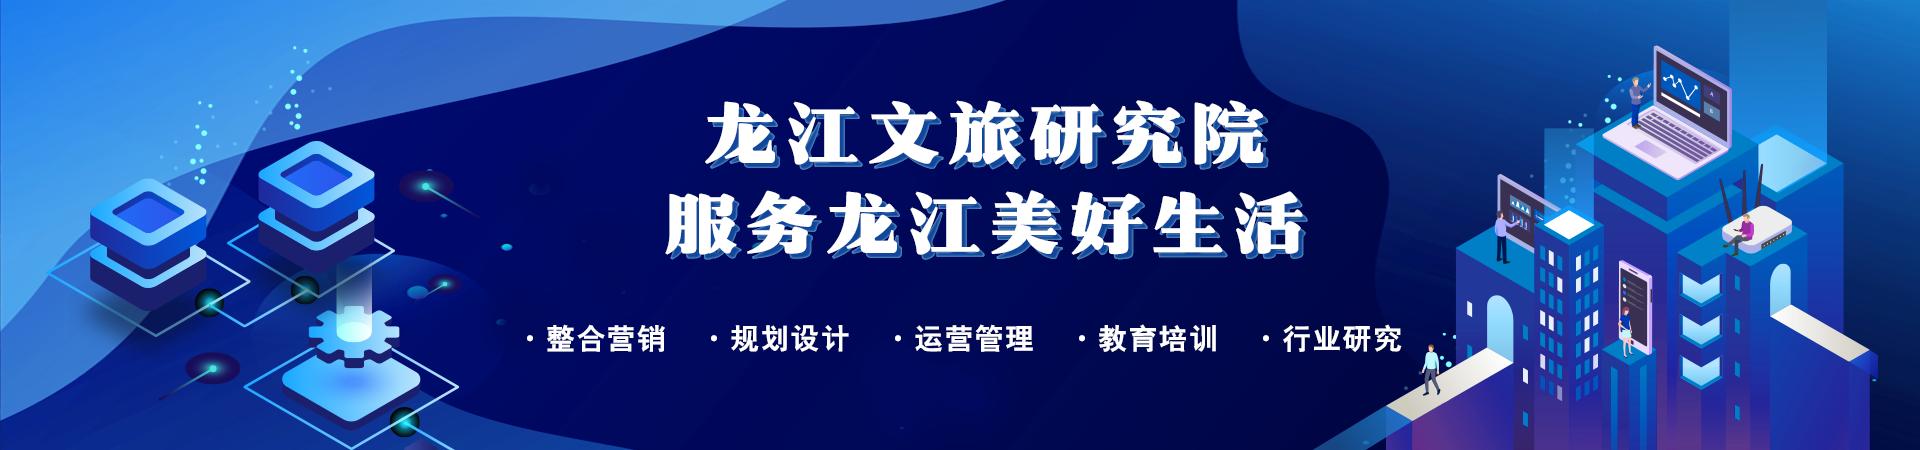 龙江文旅研究院